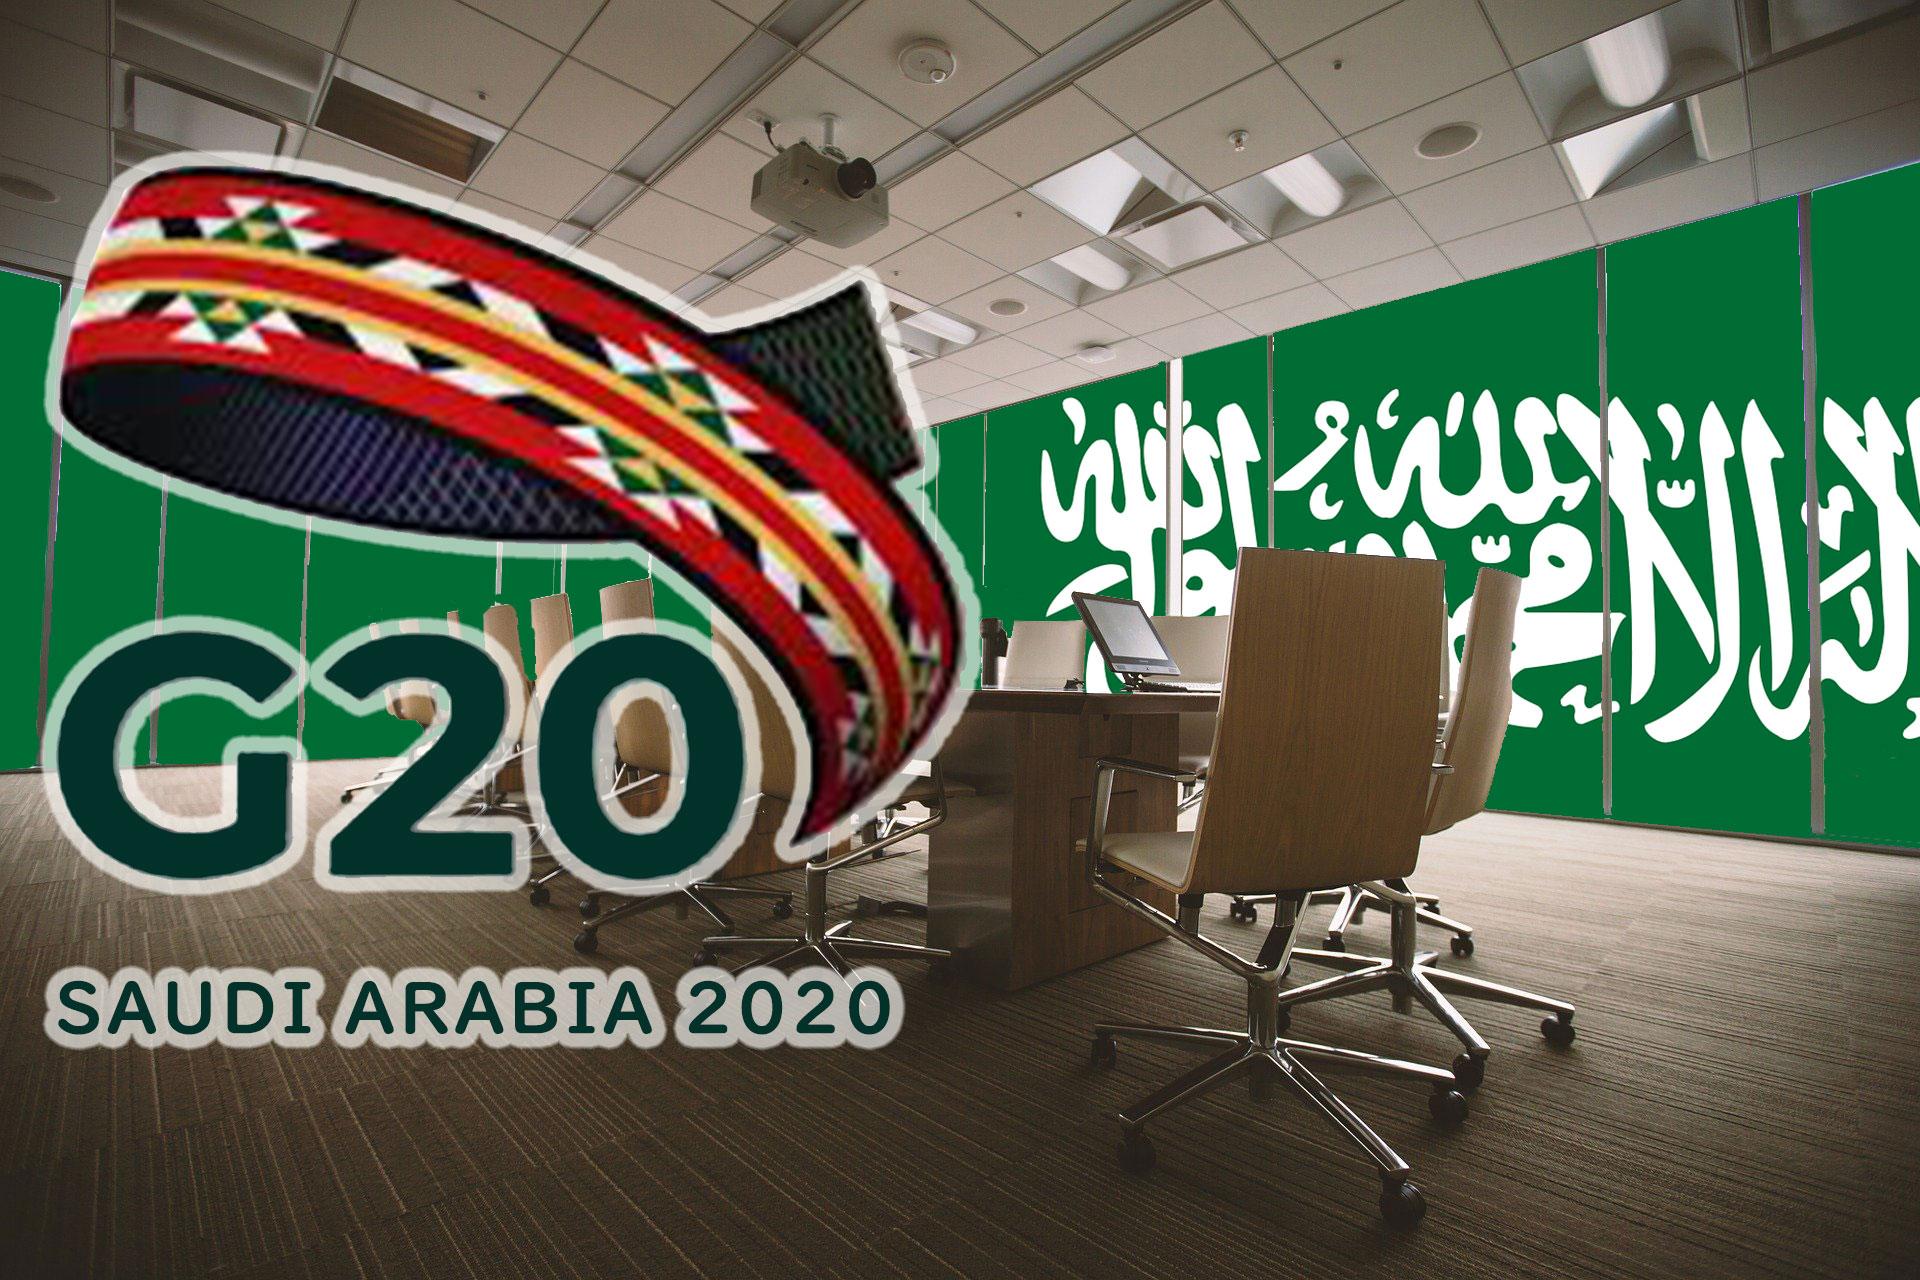 G20、グローバル・ステーブルコインの規制上の課題について改めて言及